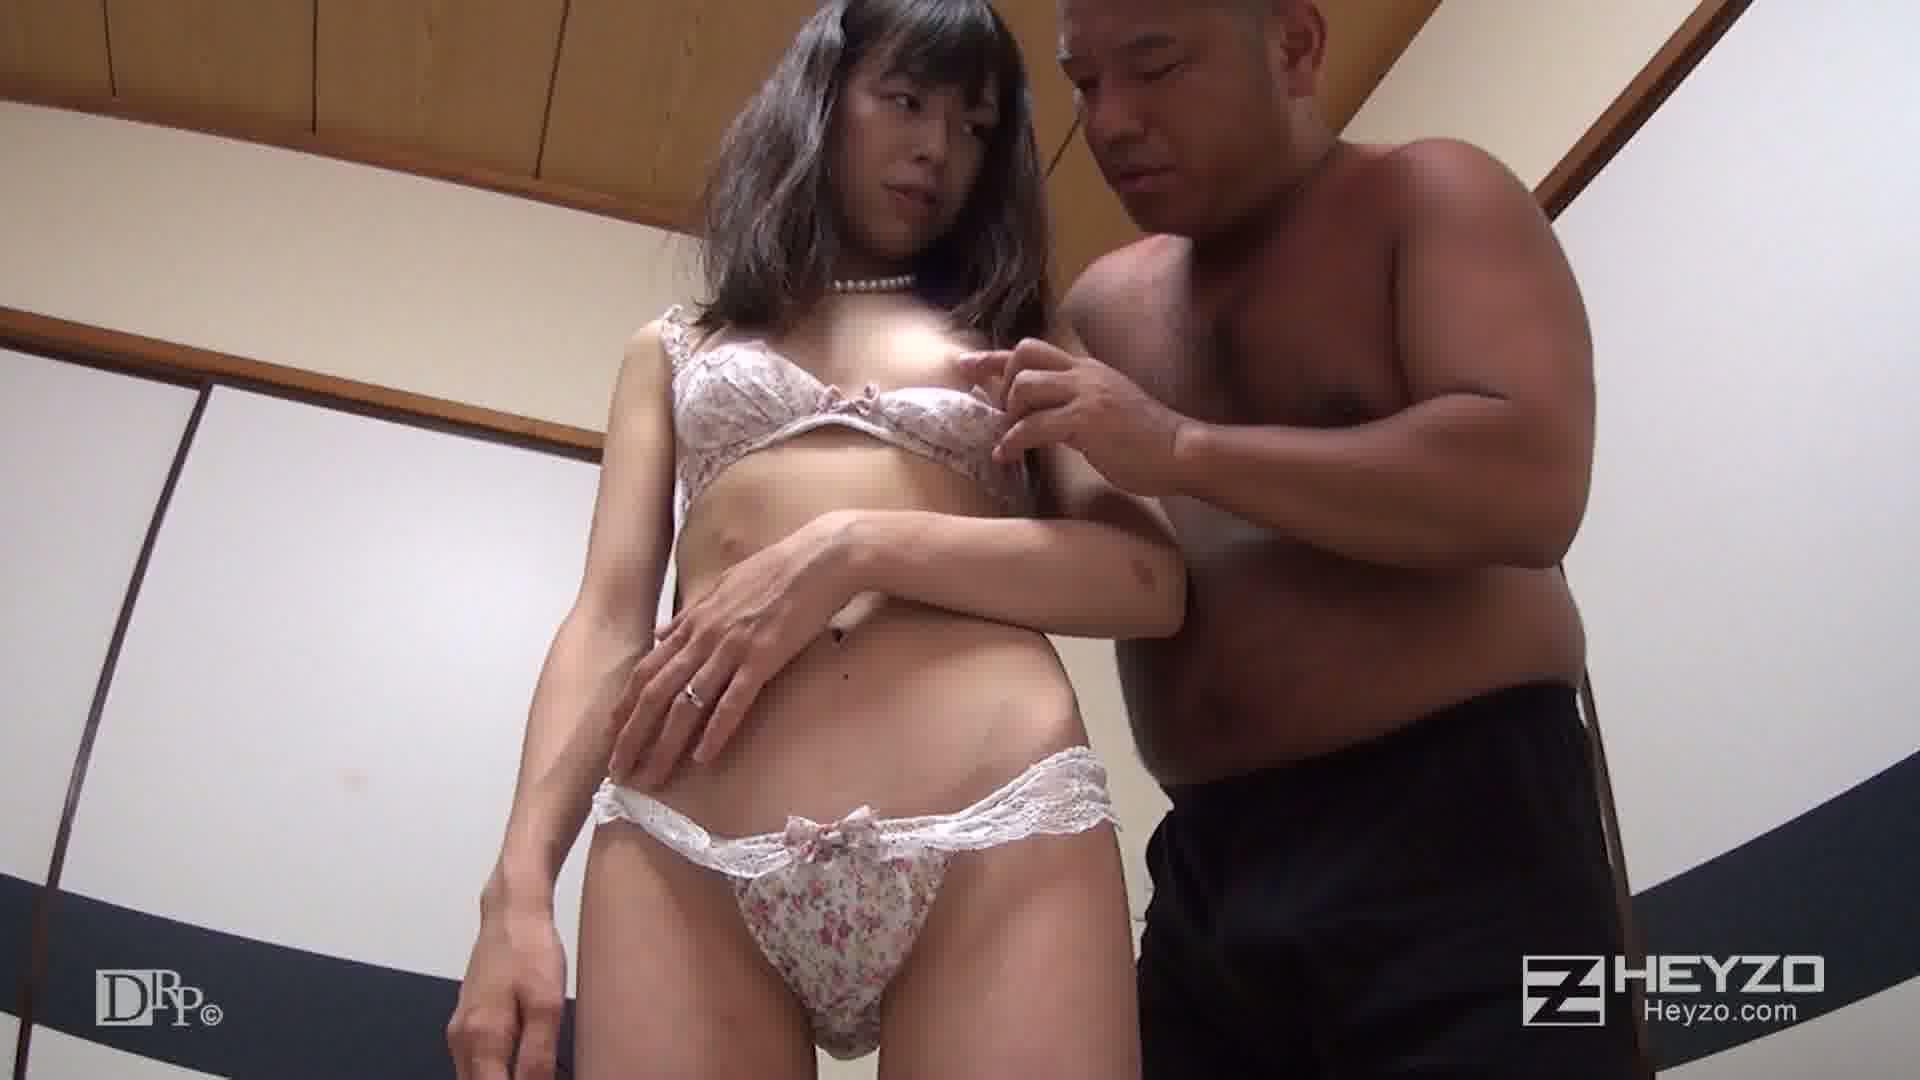 スキモノ淫乱人妻を密室独り占め - 富田さやか【脱衣 ベロチュー 乳舐め】